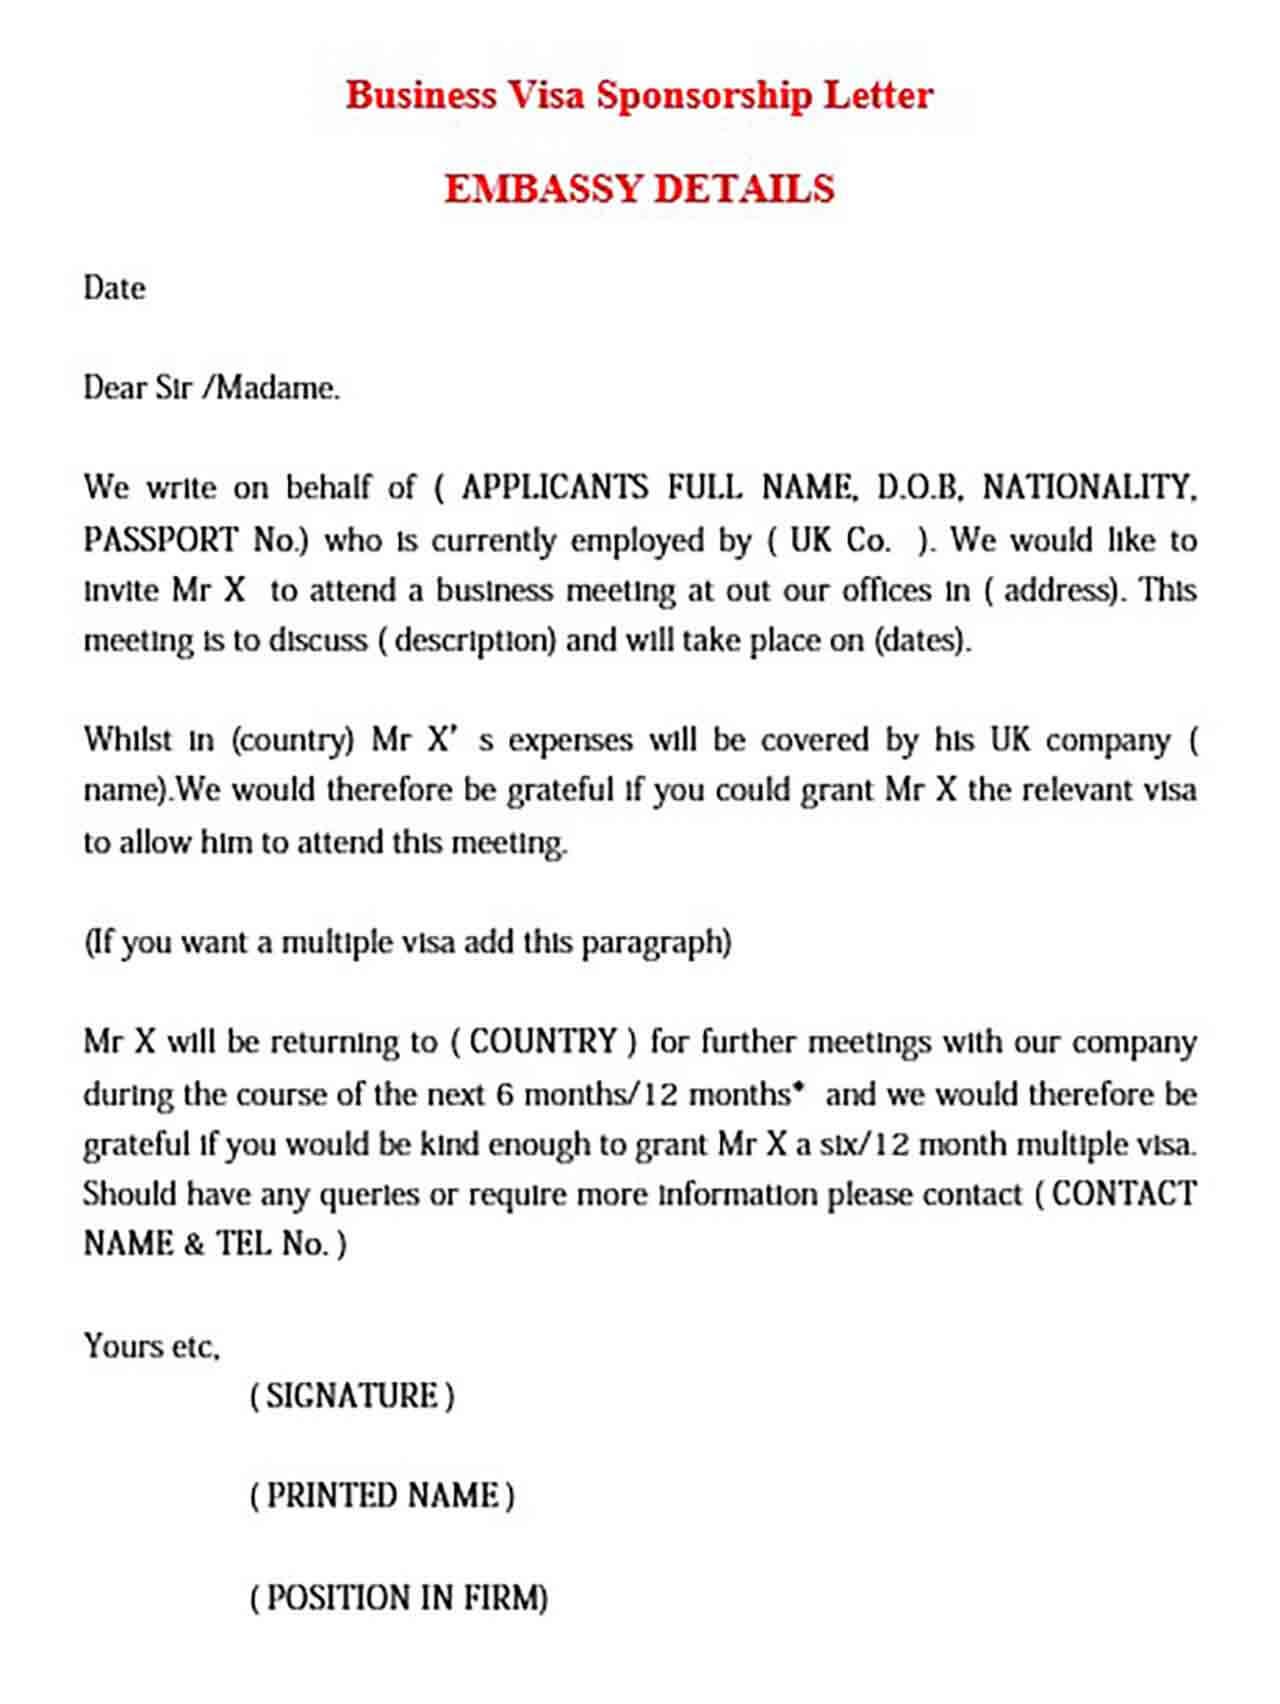 Business Visa Sponsorship Letter